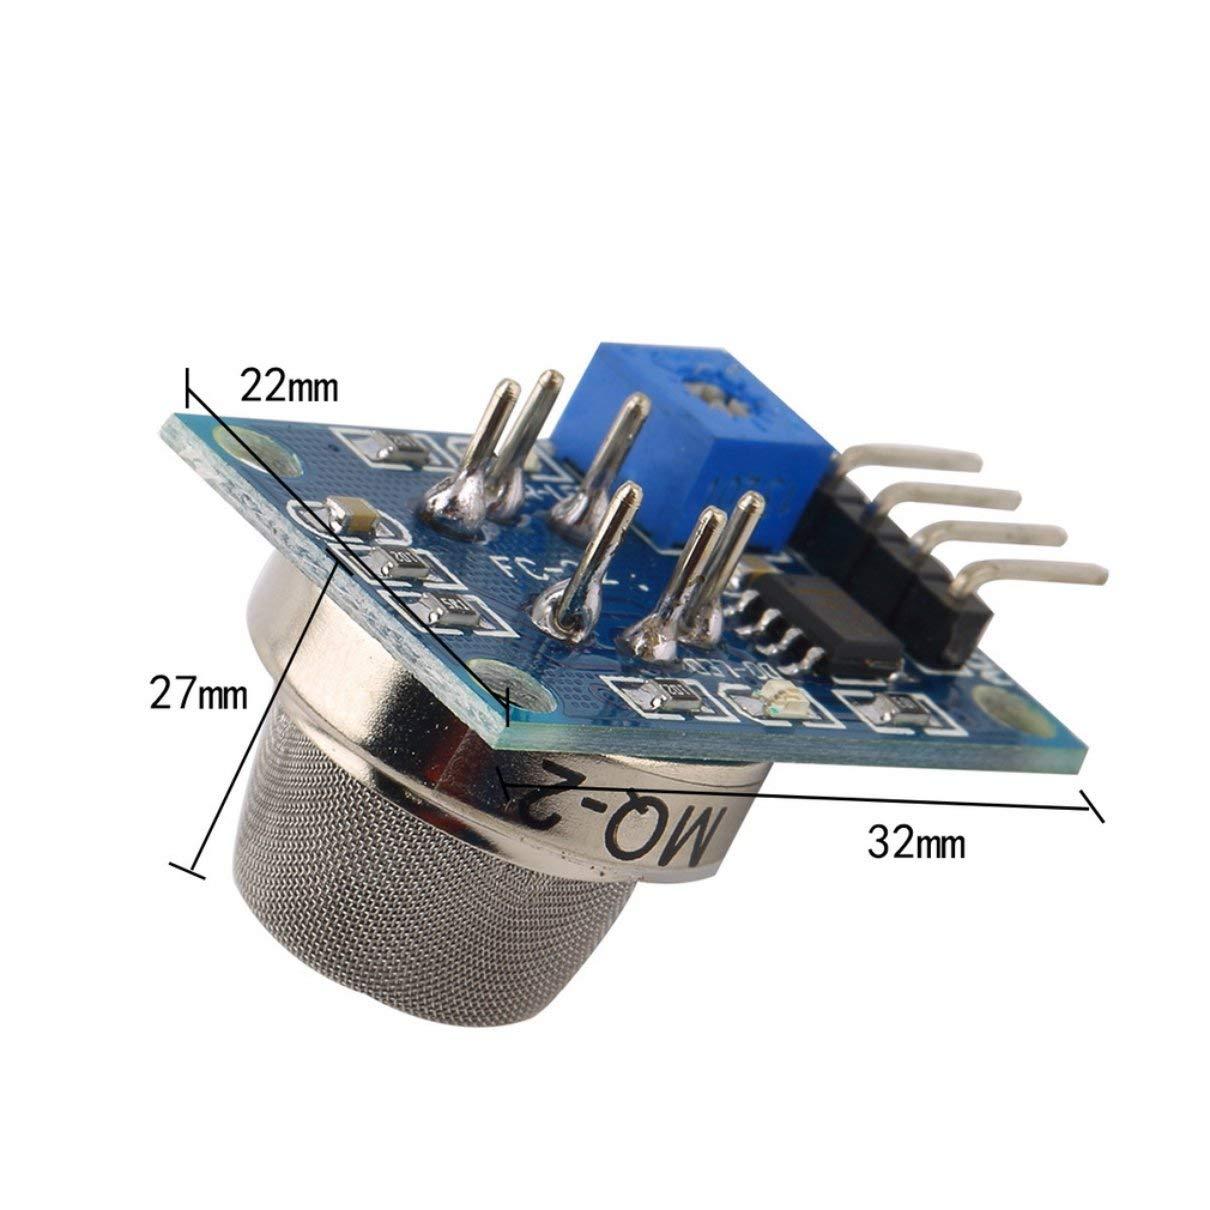 SaraHew74 Fit mq-2 MQ2 Gas di Fumo GPL Butano Idrogeno Gas Sensor Detector Module per Arduino Miscela Home Rilevazione di perdite di Gas di Fabbrica